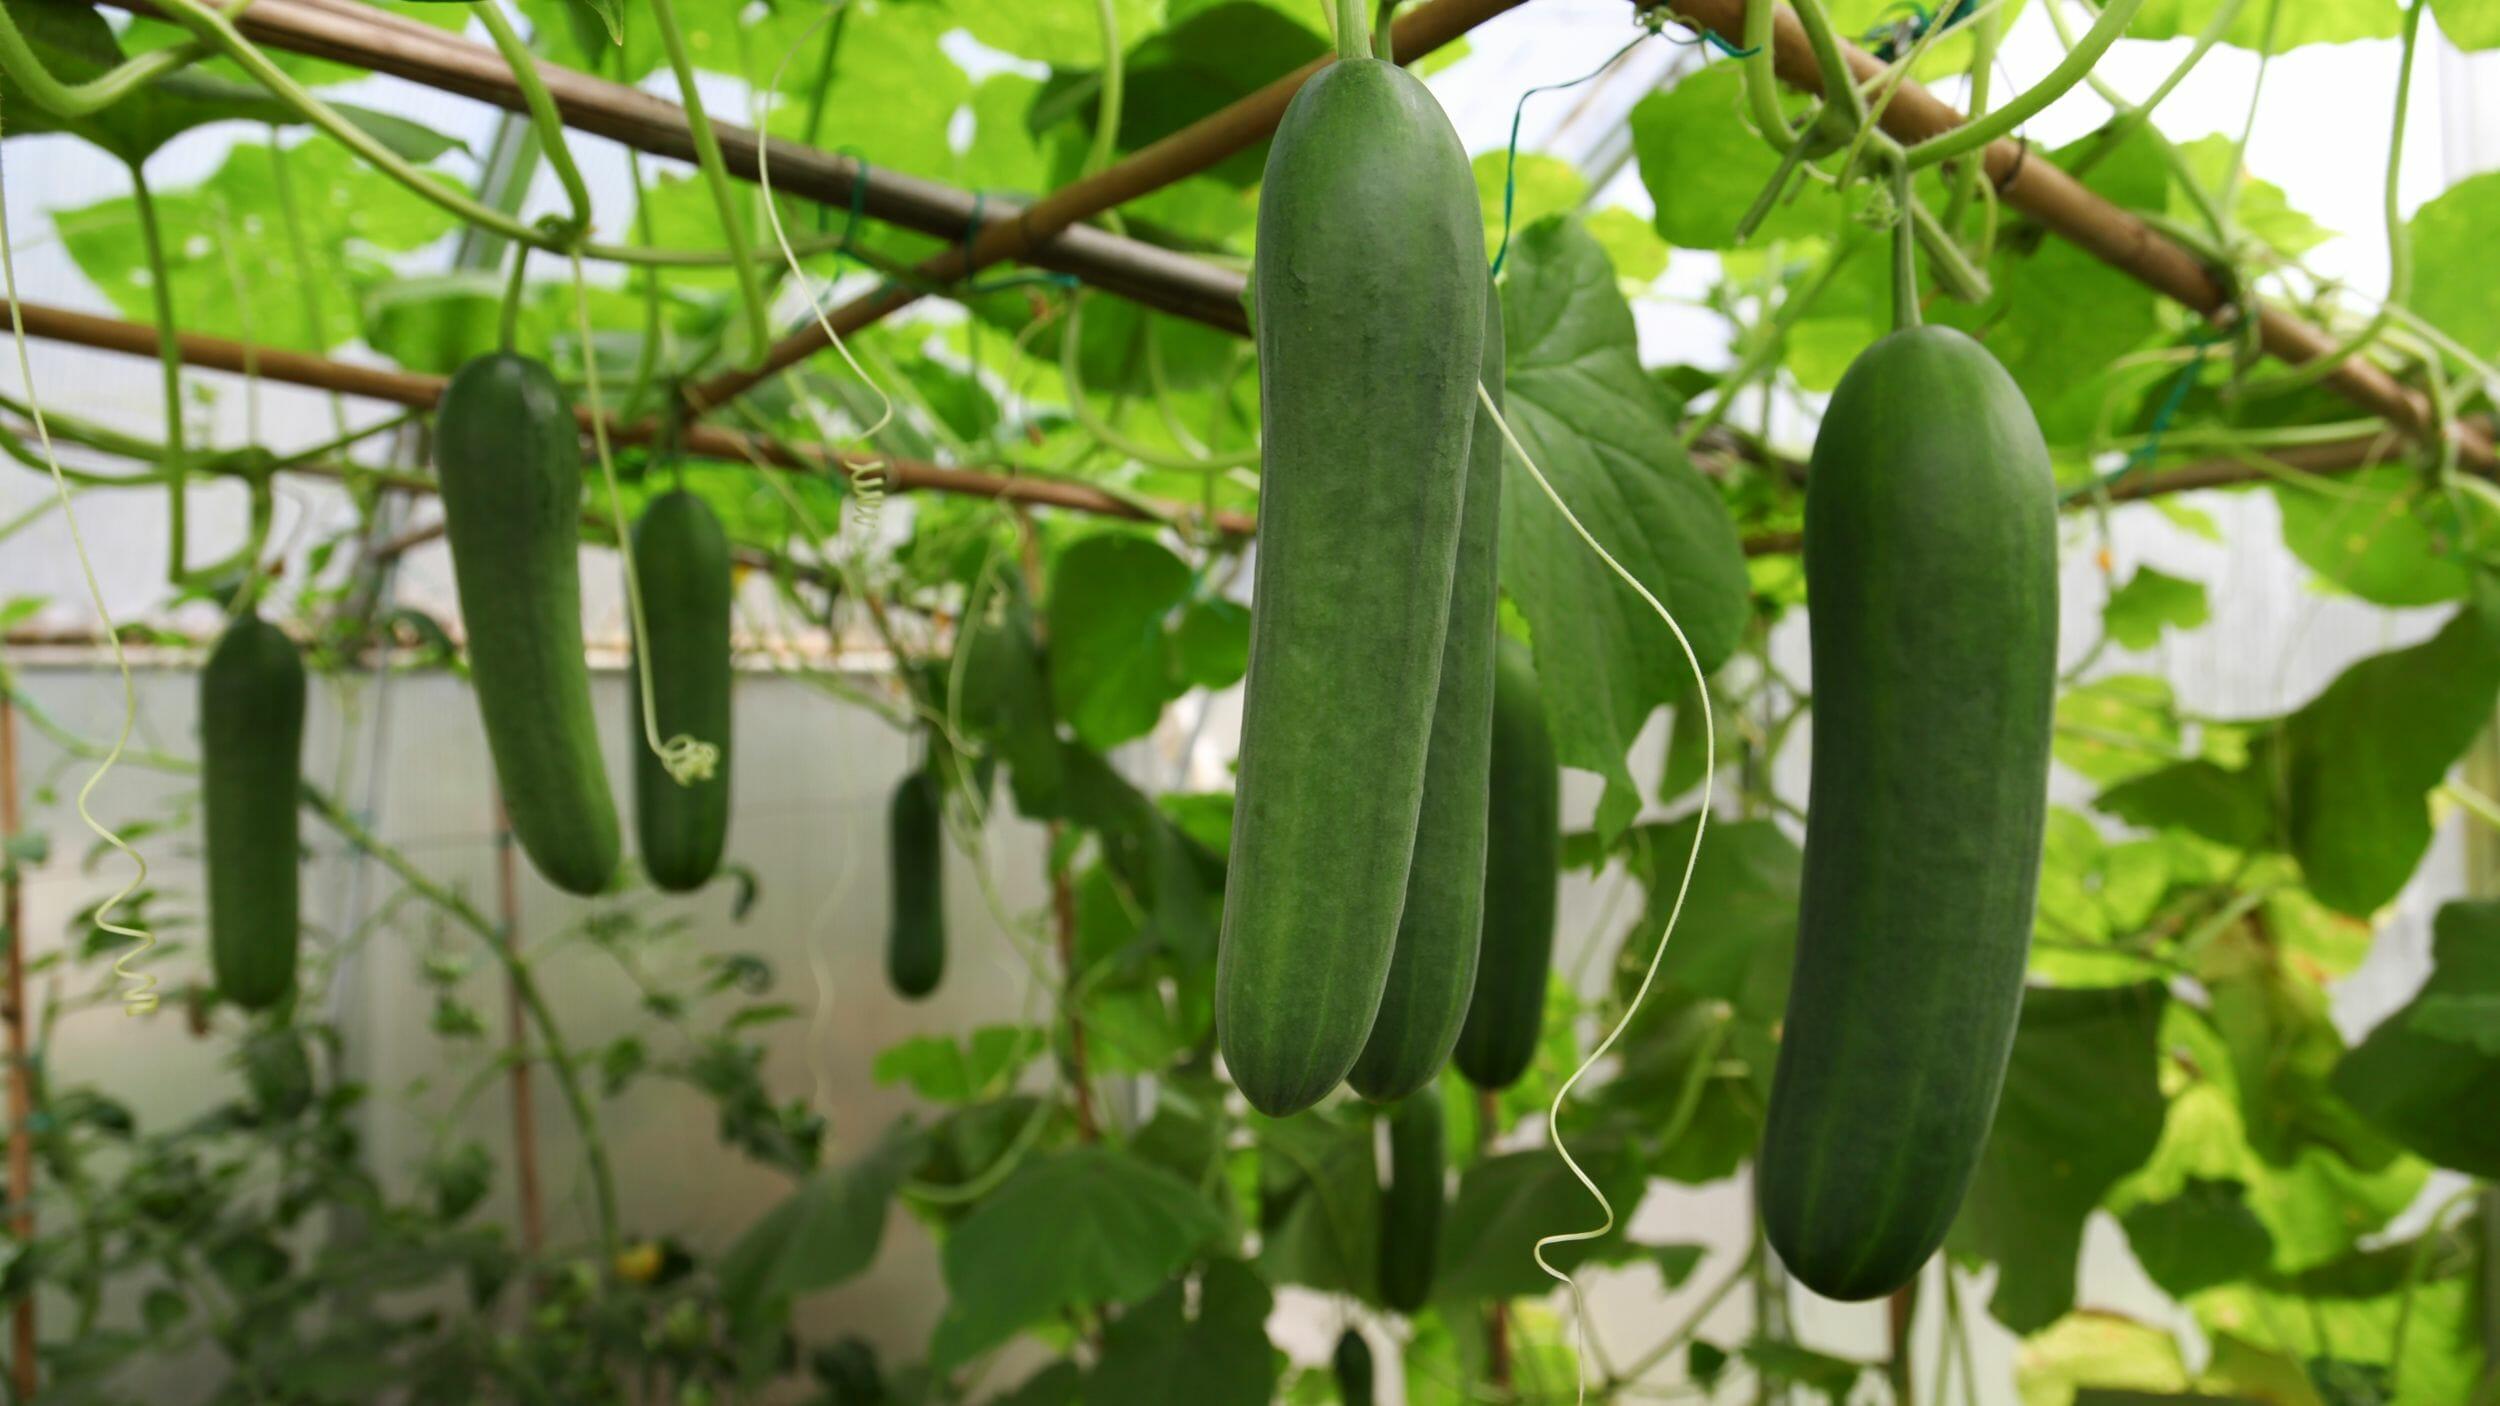 growing cucumbers in the sun